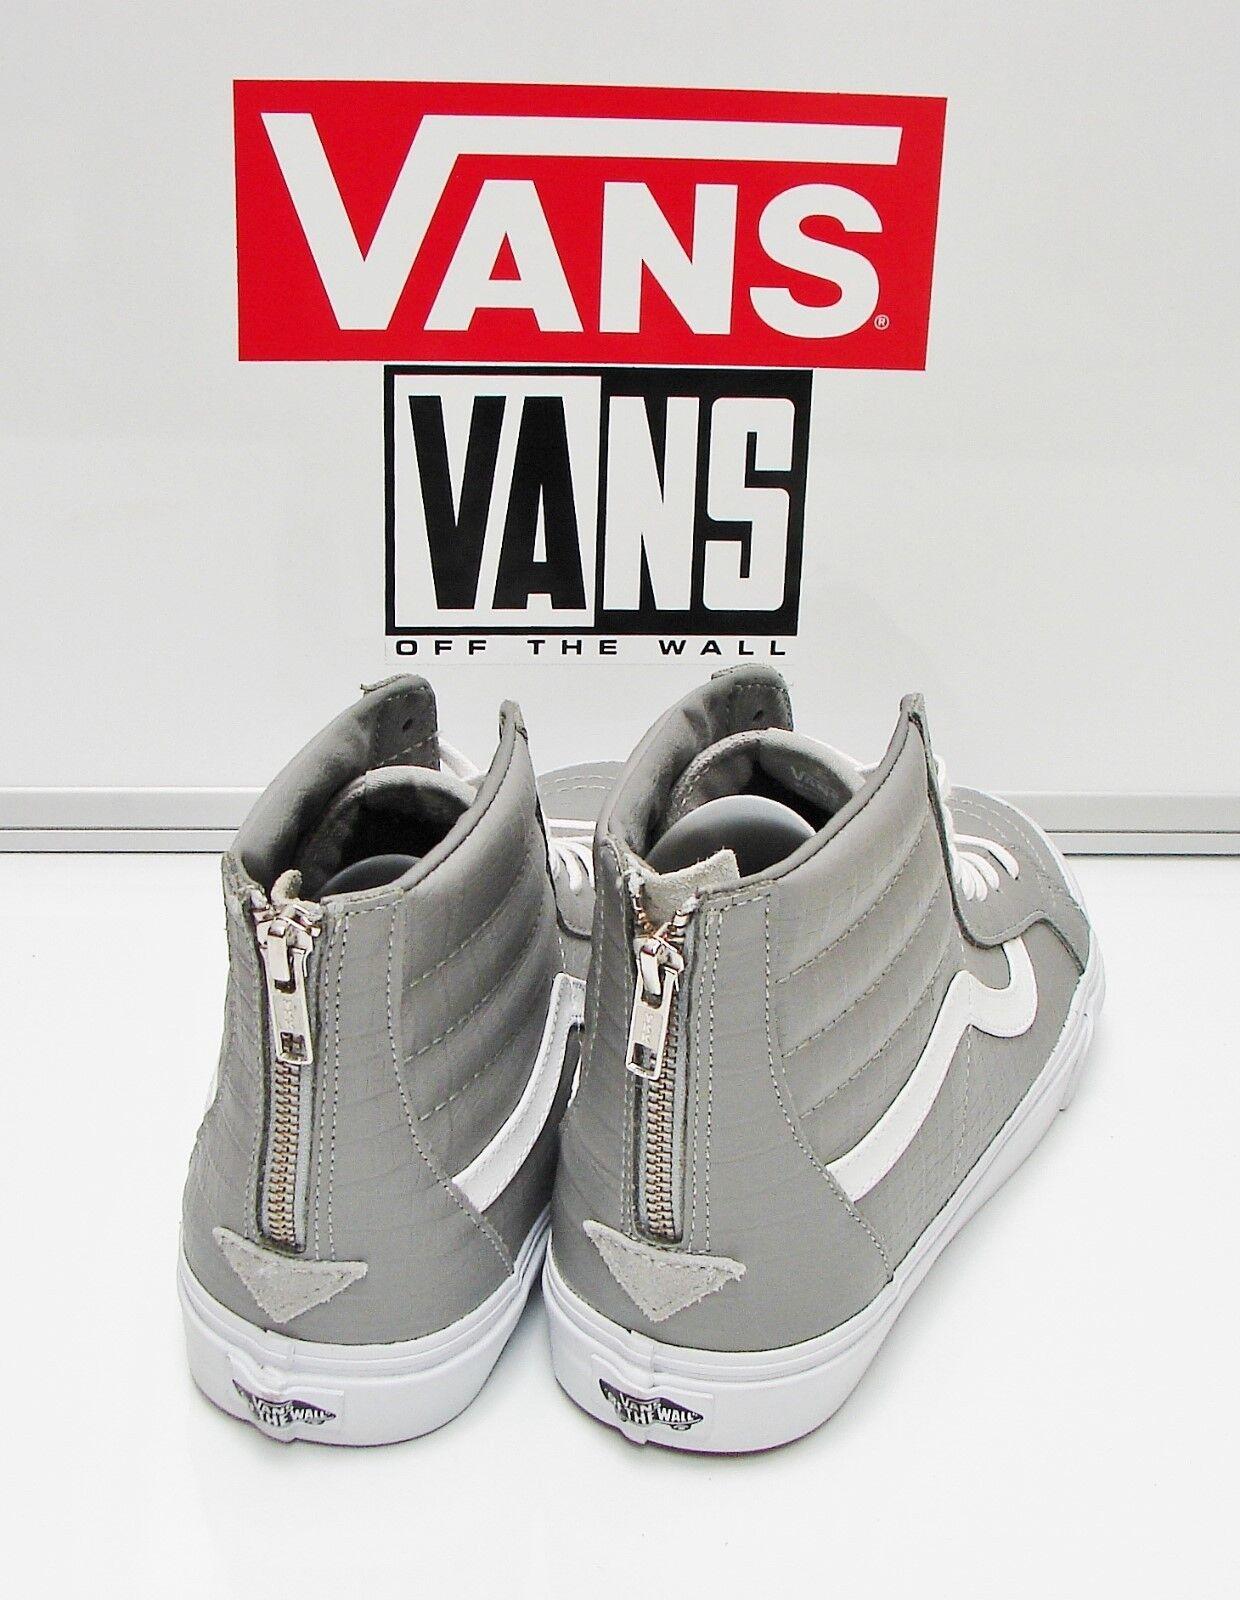 Vans SK8 Hi Zip CA Croc Leather Wild Dove VN-0XH9FCU Men's Size  12